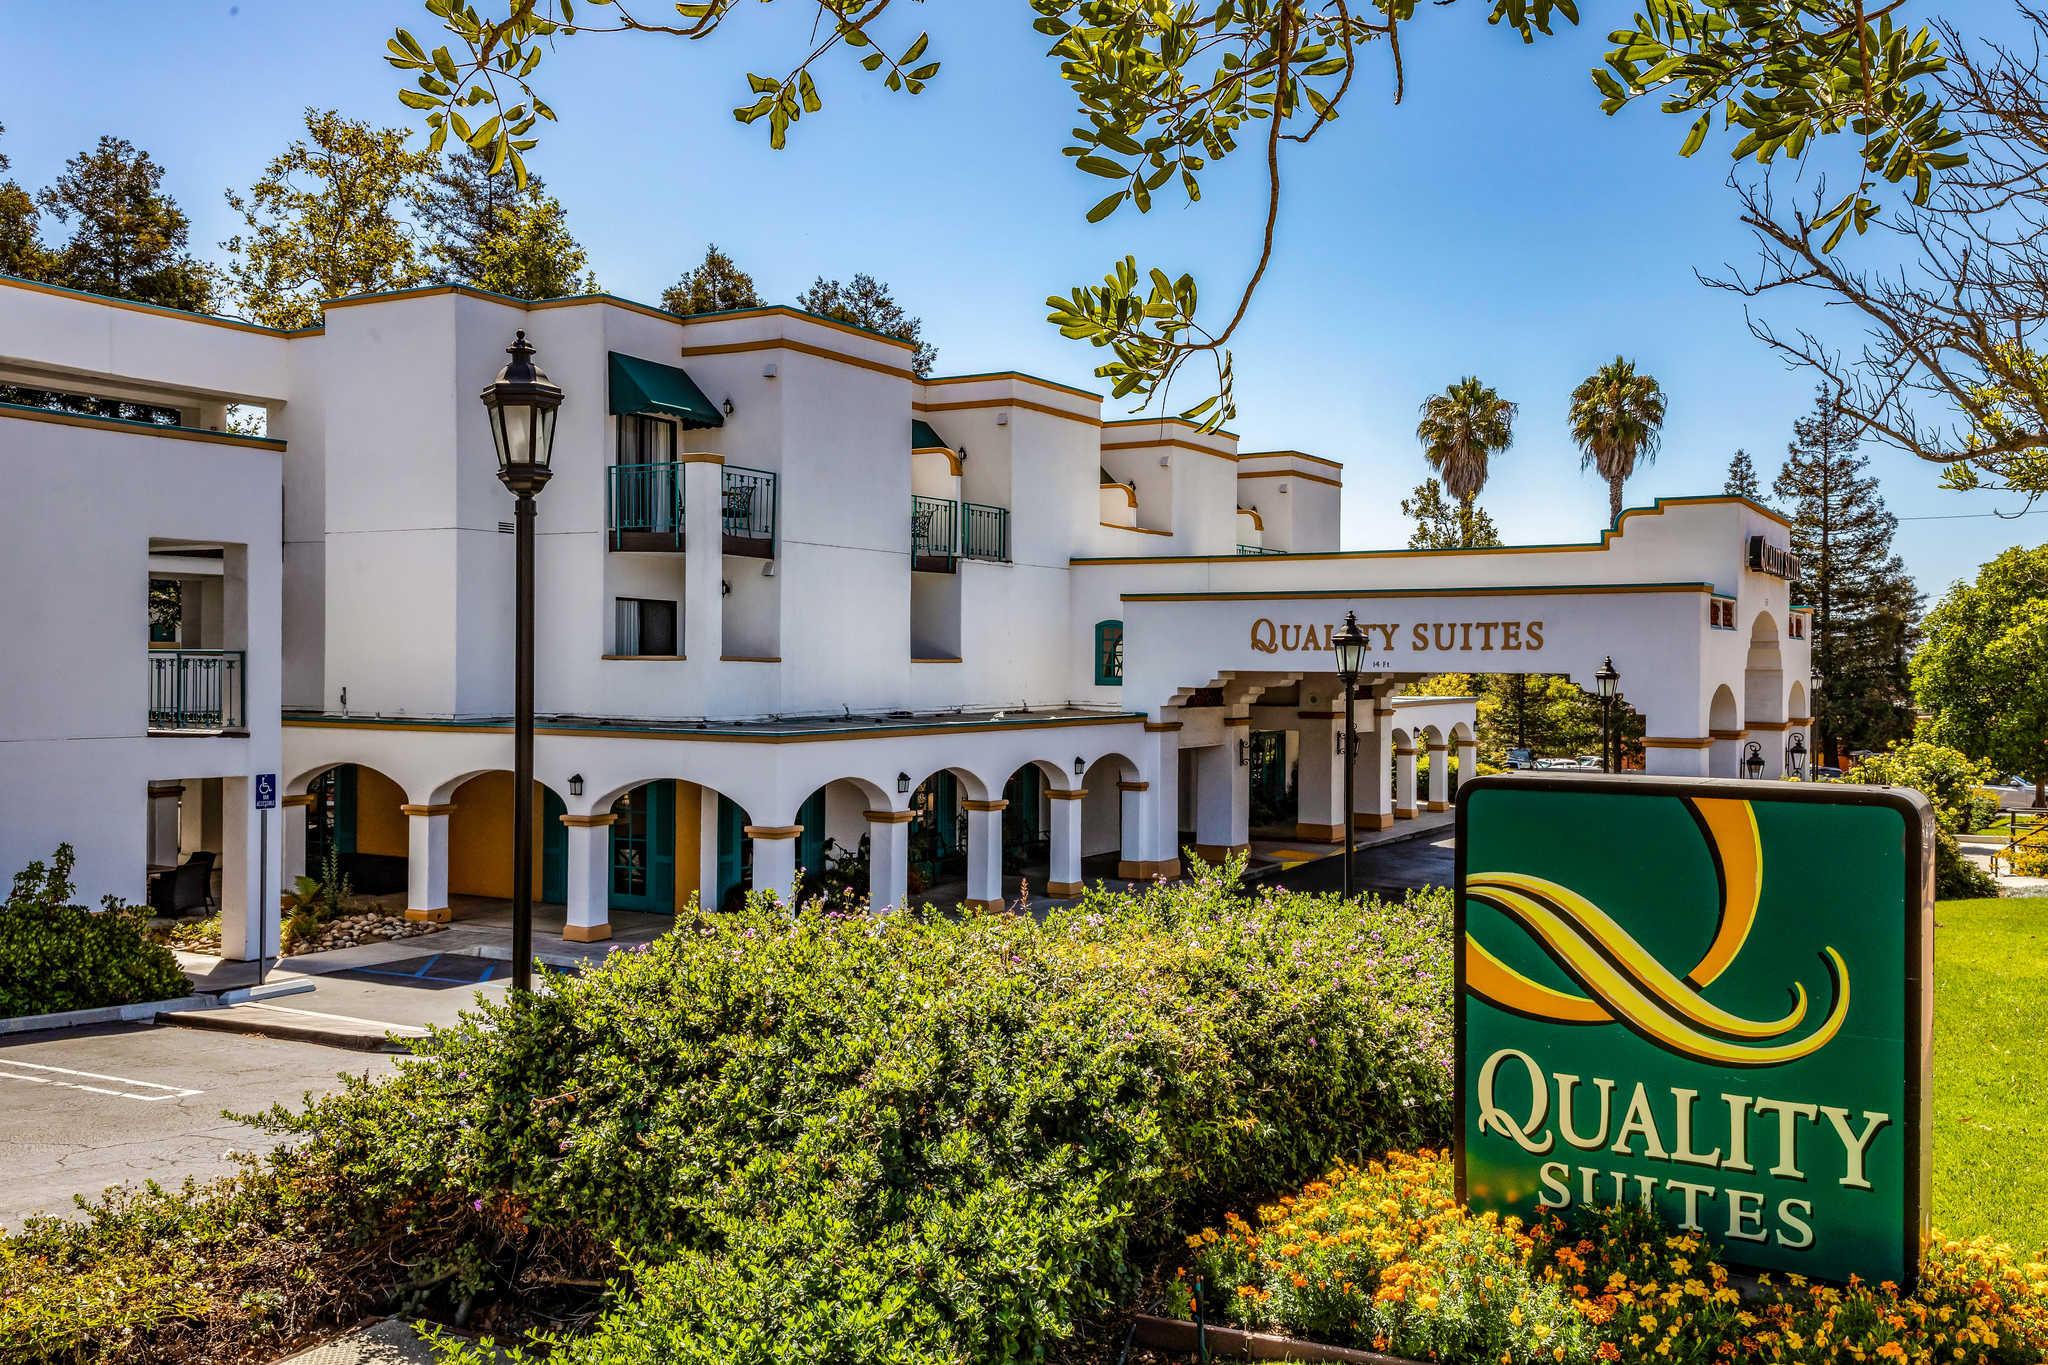 Quality Suites Downtown San Luis Obispo image 1